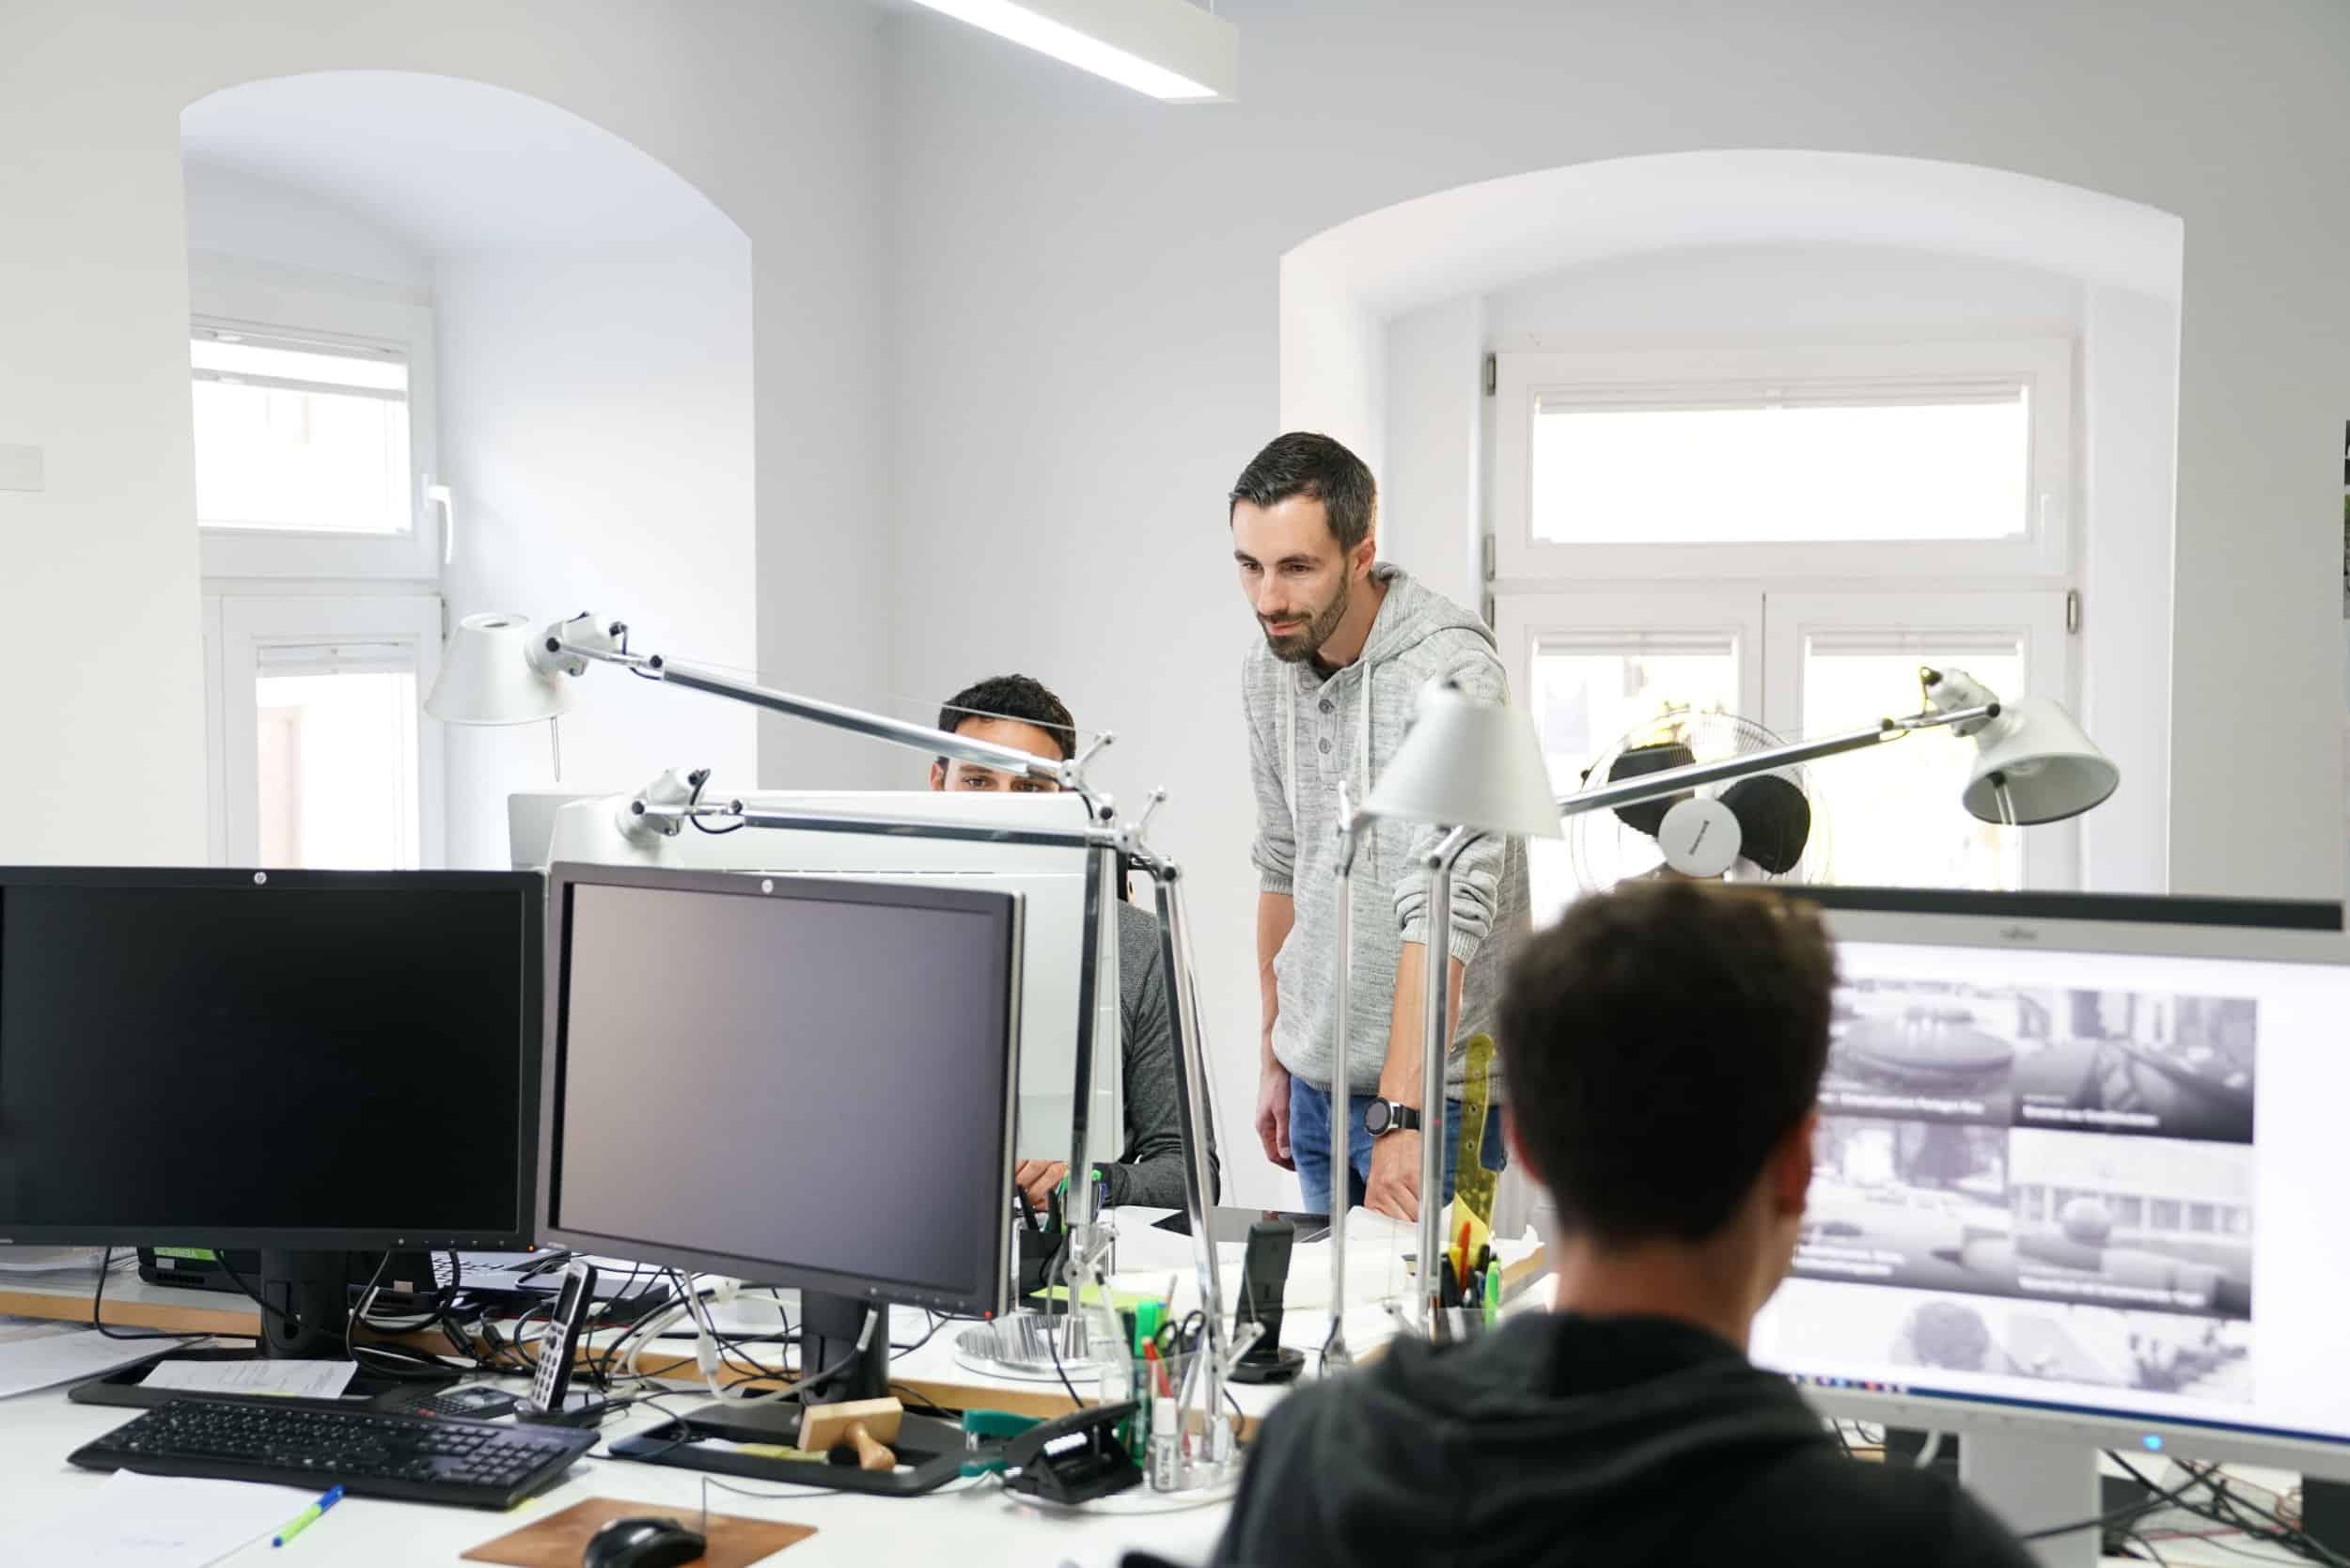 Bild: Besprechung eines Projekt am Arbeitsplatz im Büro